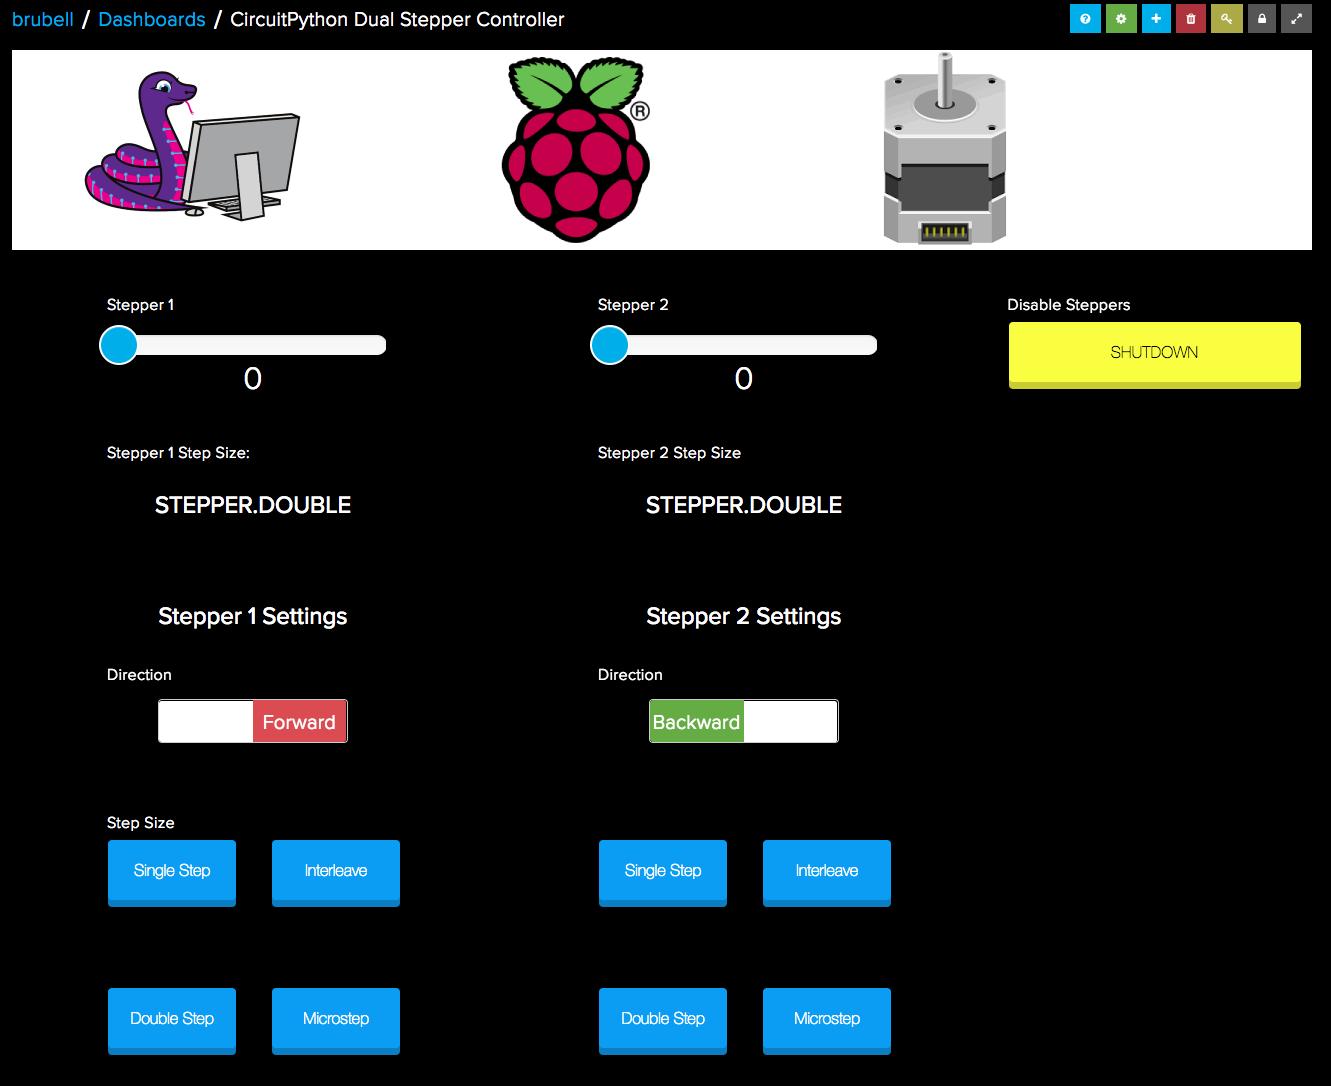 raspberry_pi_IO_-_CircuitPython_Dual_Stepper_Controller.png